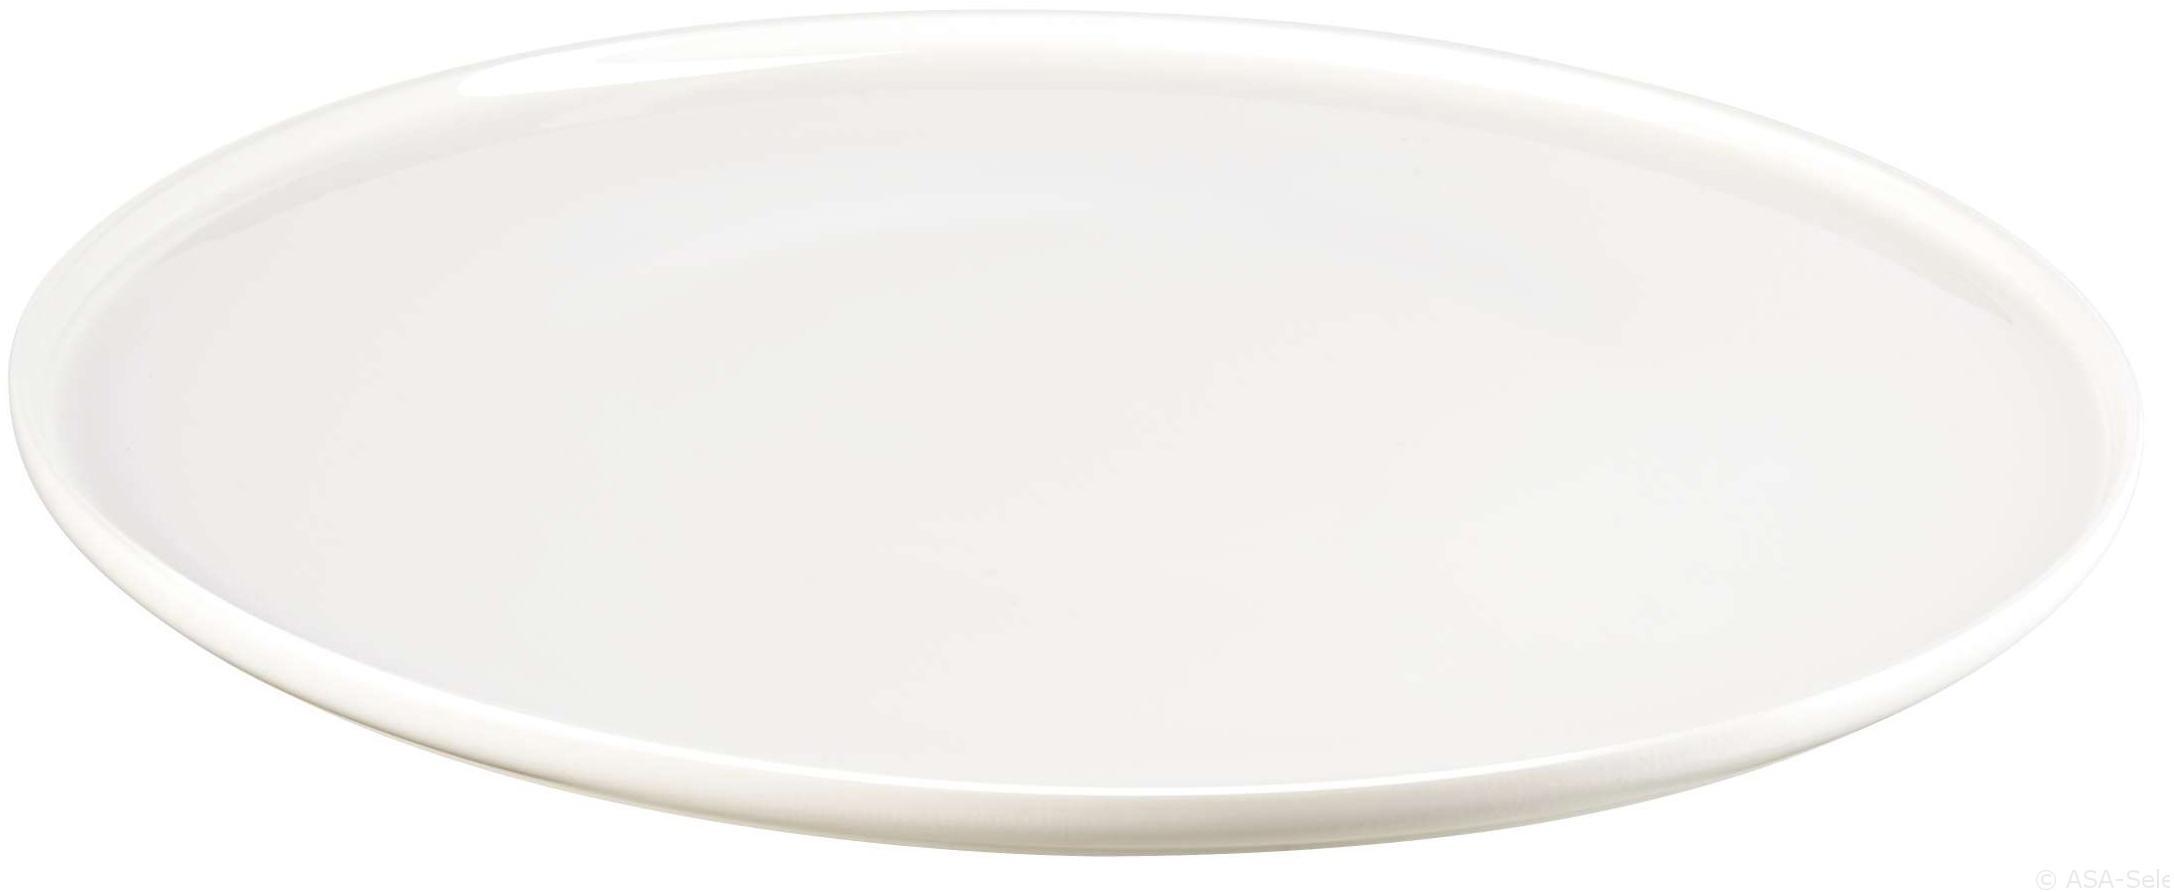 Plato llano de porcelana Oco, 6uds., Porcelana fina, Marfil, Ø 27 cm